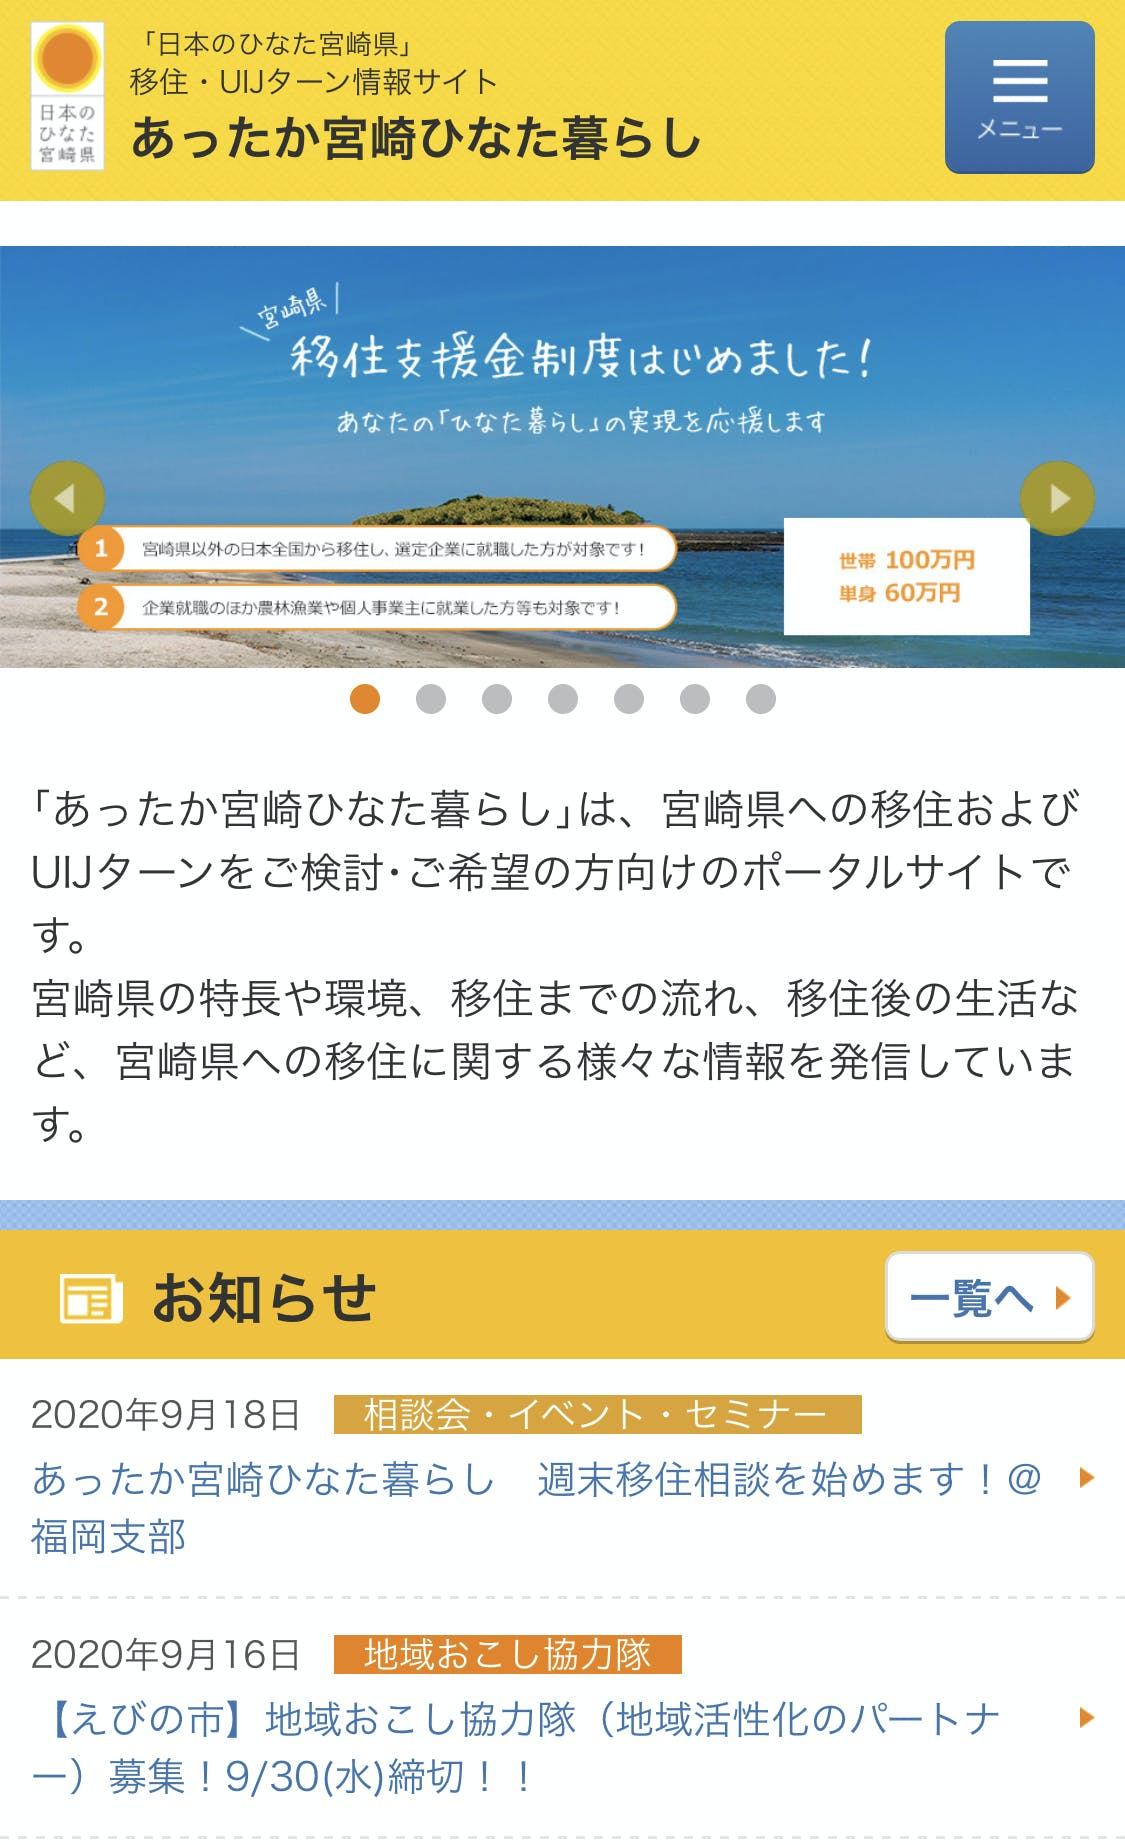 情報 宮崎 最新 県 コロナ